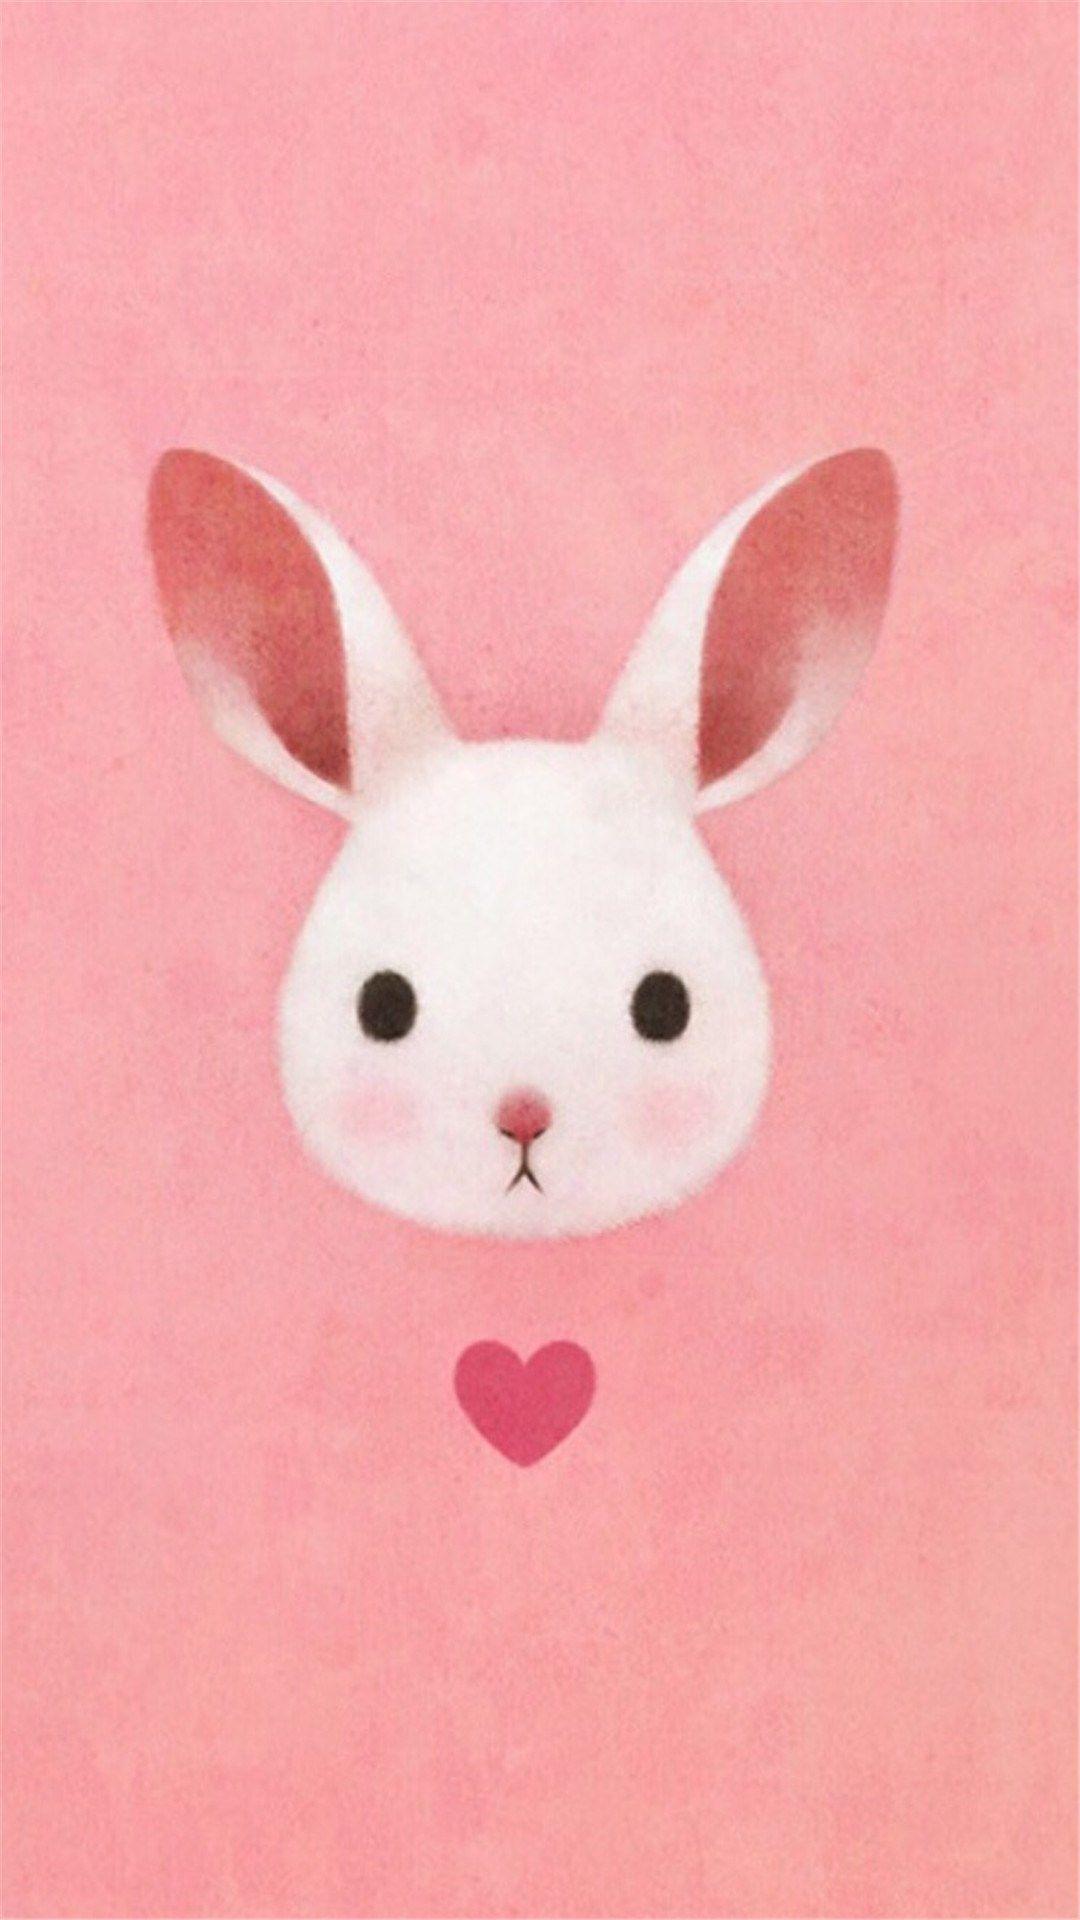 Bunny iPhone wallpaper iPhone and desktop wallpapers